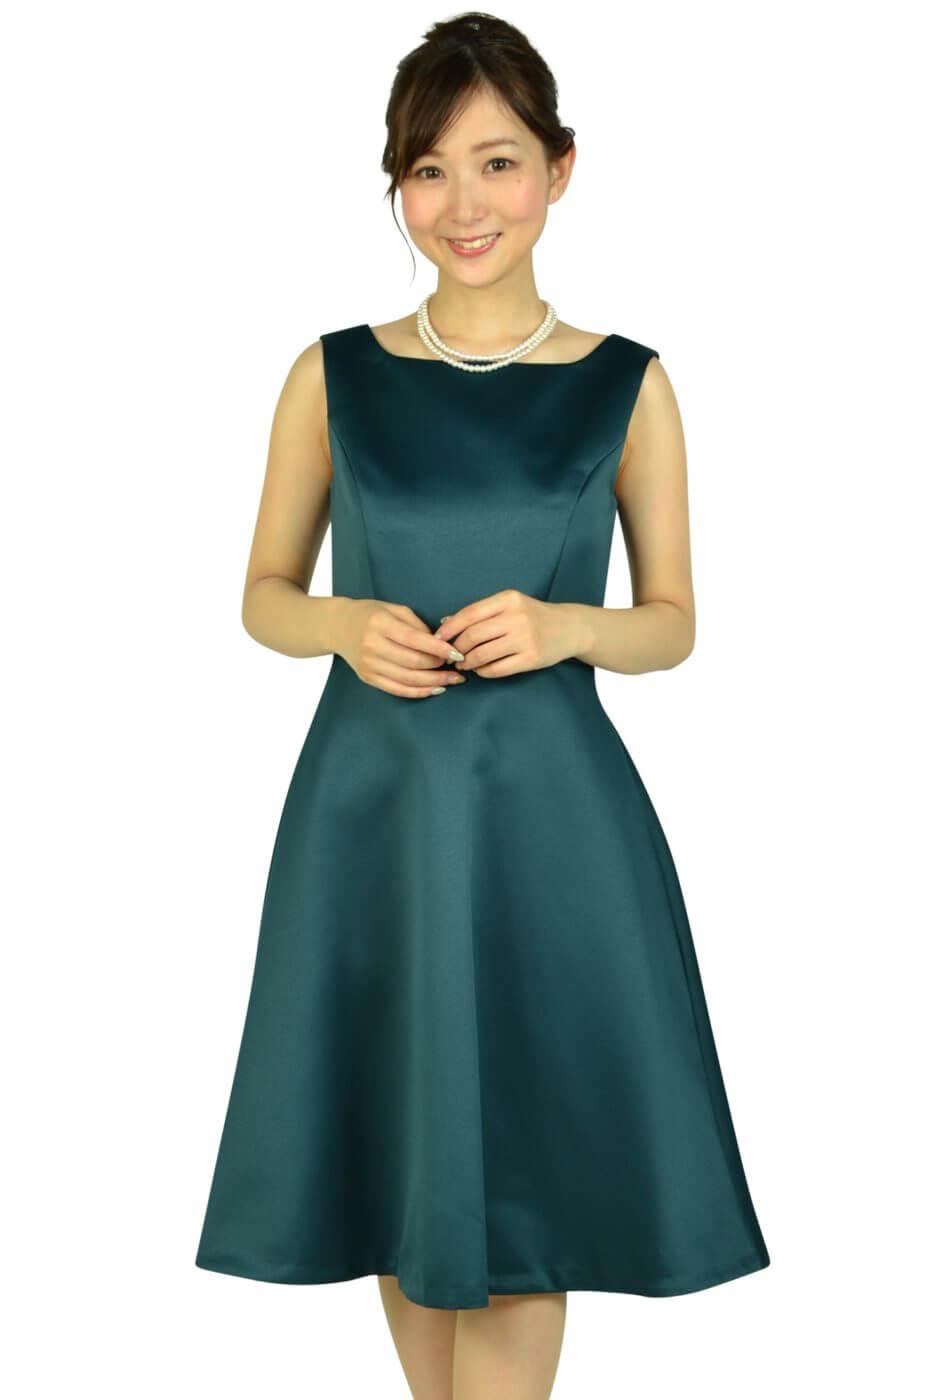 ストロベリーフィールズ (STRAWBERRY-FIELDS)上品シンプルグリーンドレス